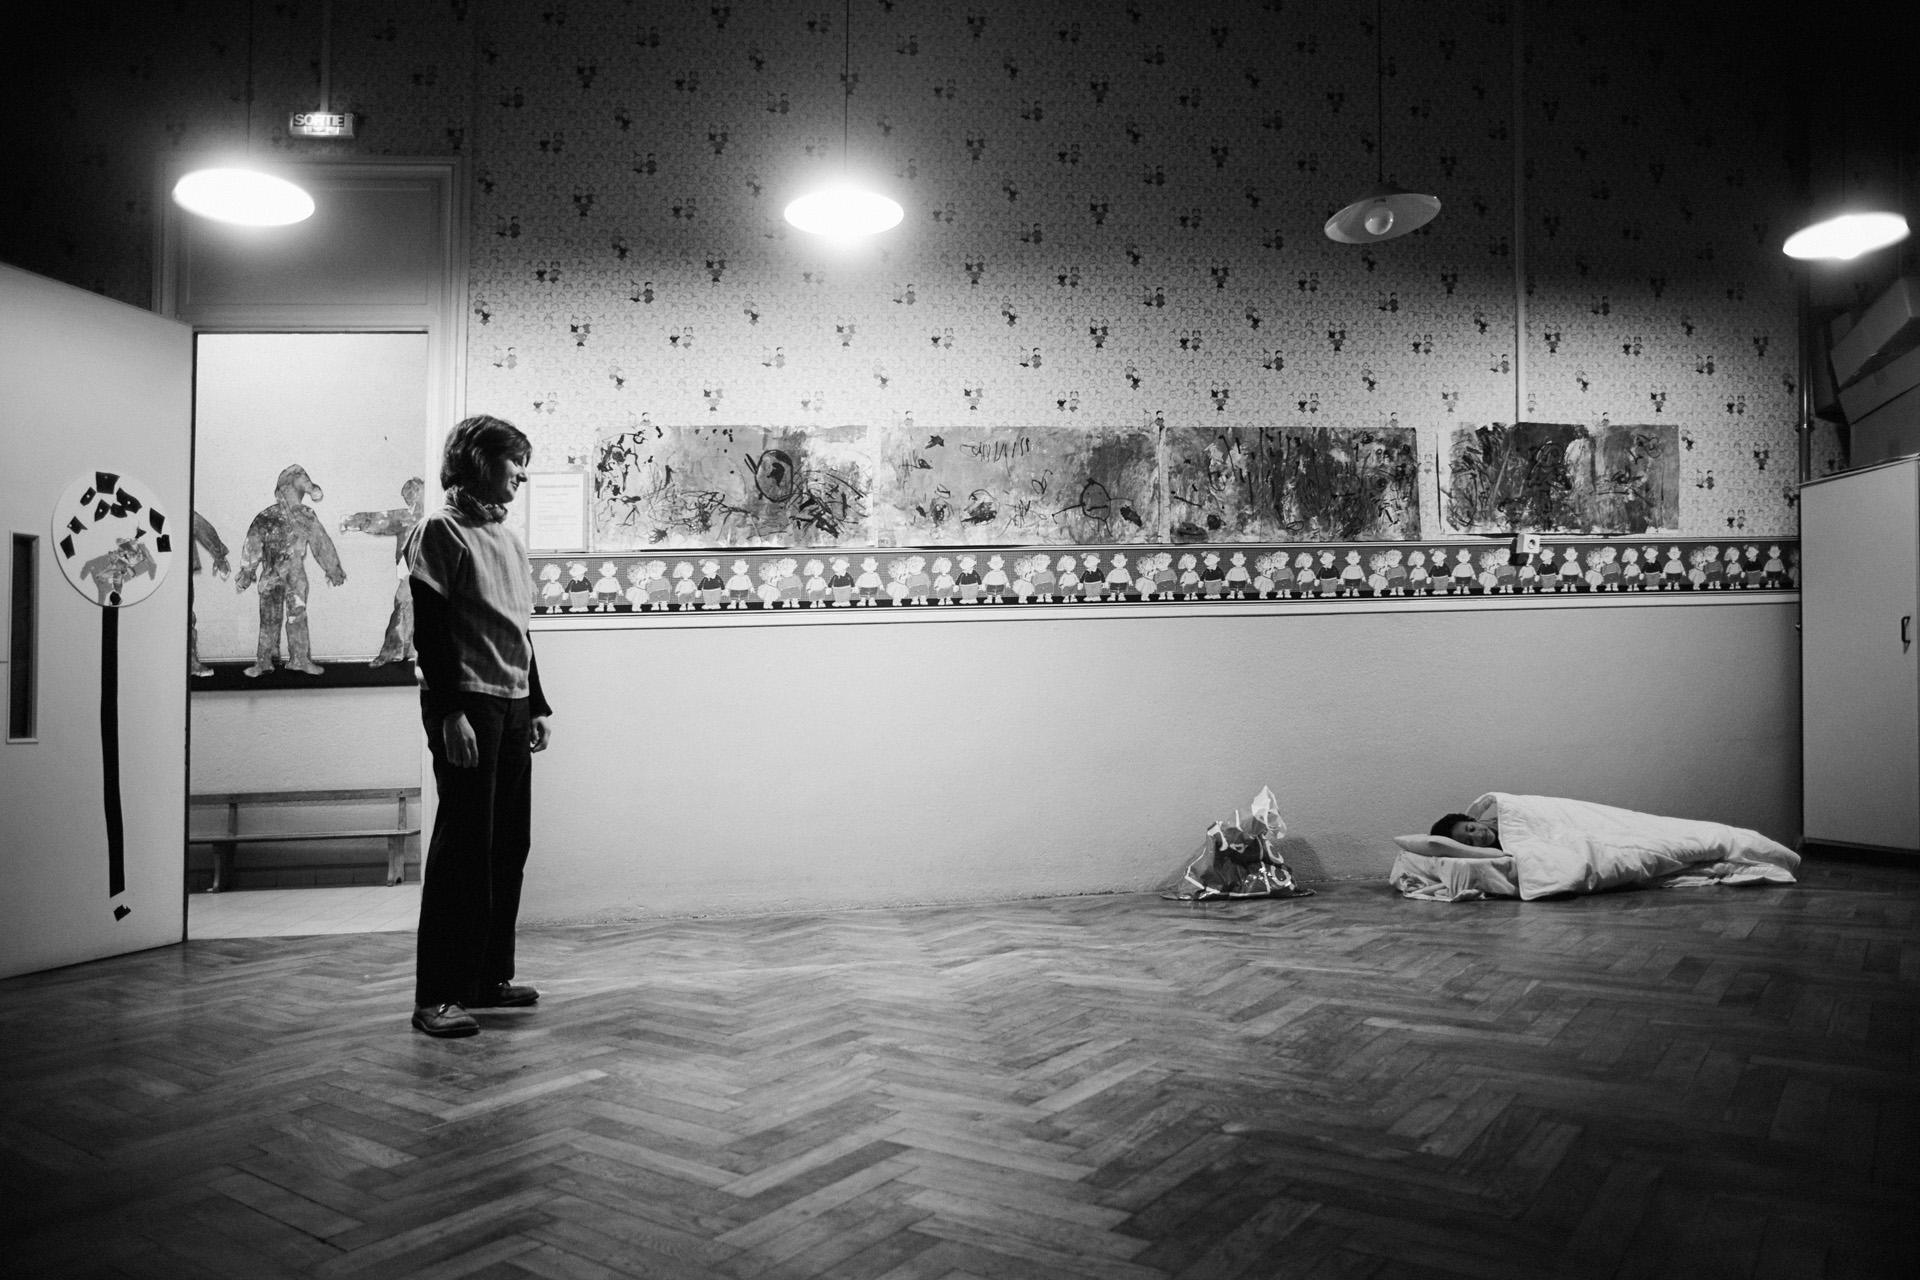 Lyon, le 31 mars 2010. Durant dix jours, l'école Gilbert-Dru sera occupée par les parents d'élèves qui soutiennent Guilherme. Le recours à l'occupation de locaux fait partie des actions médiatiques qui permettent la sensibilisation de l'opinion publique.